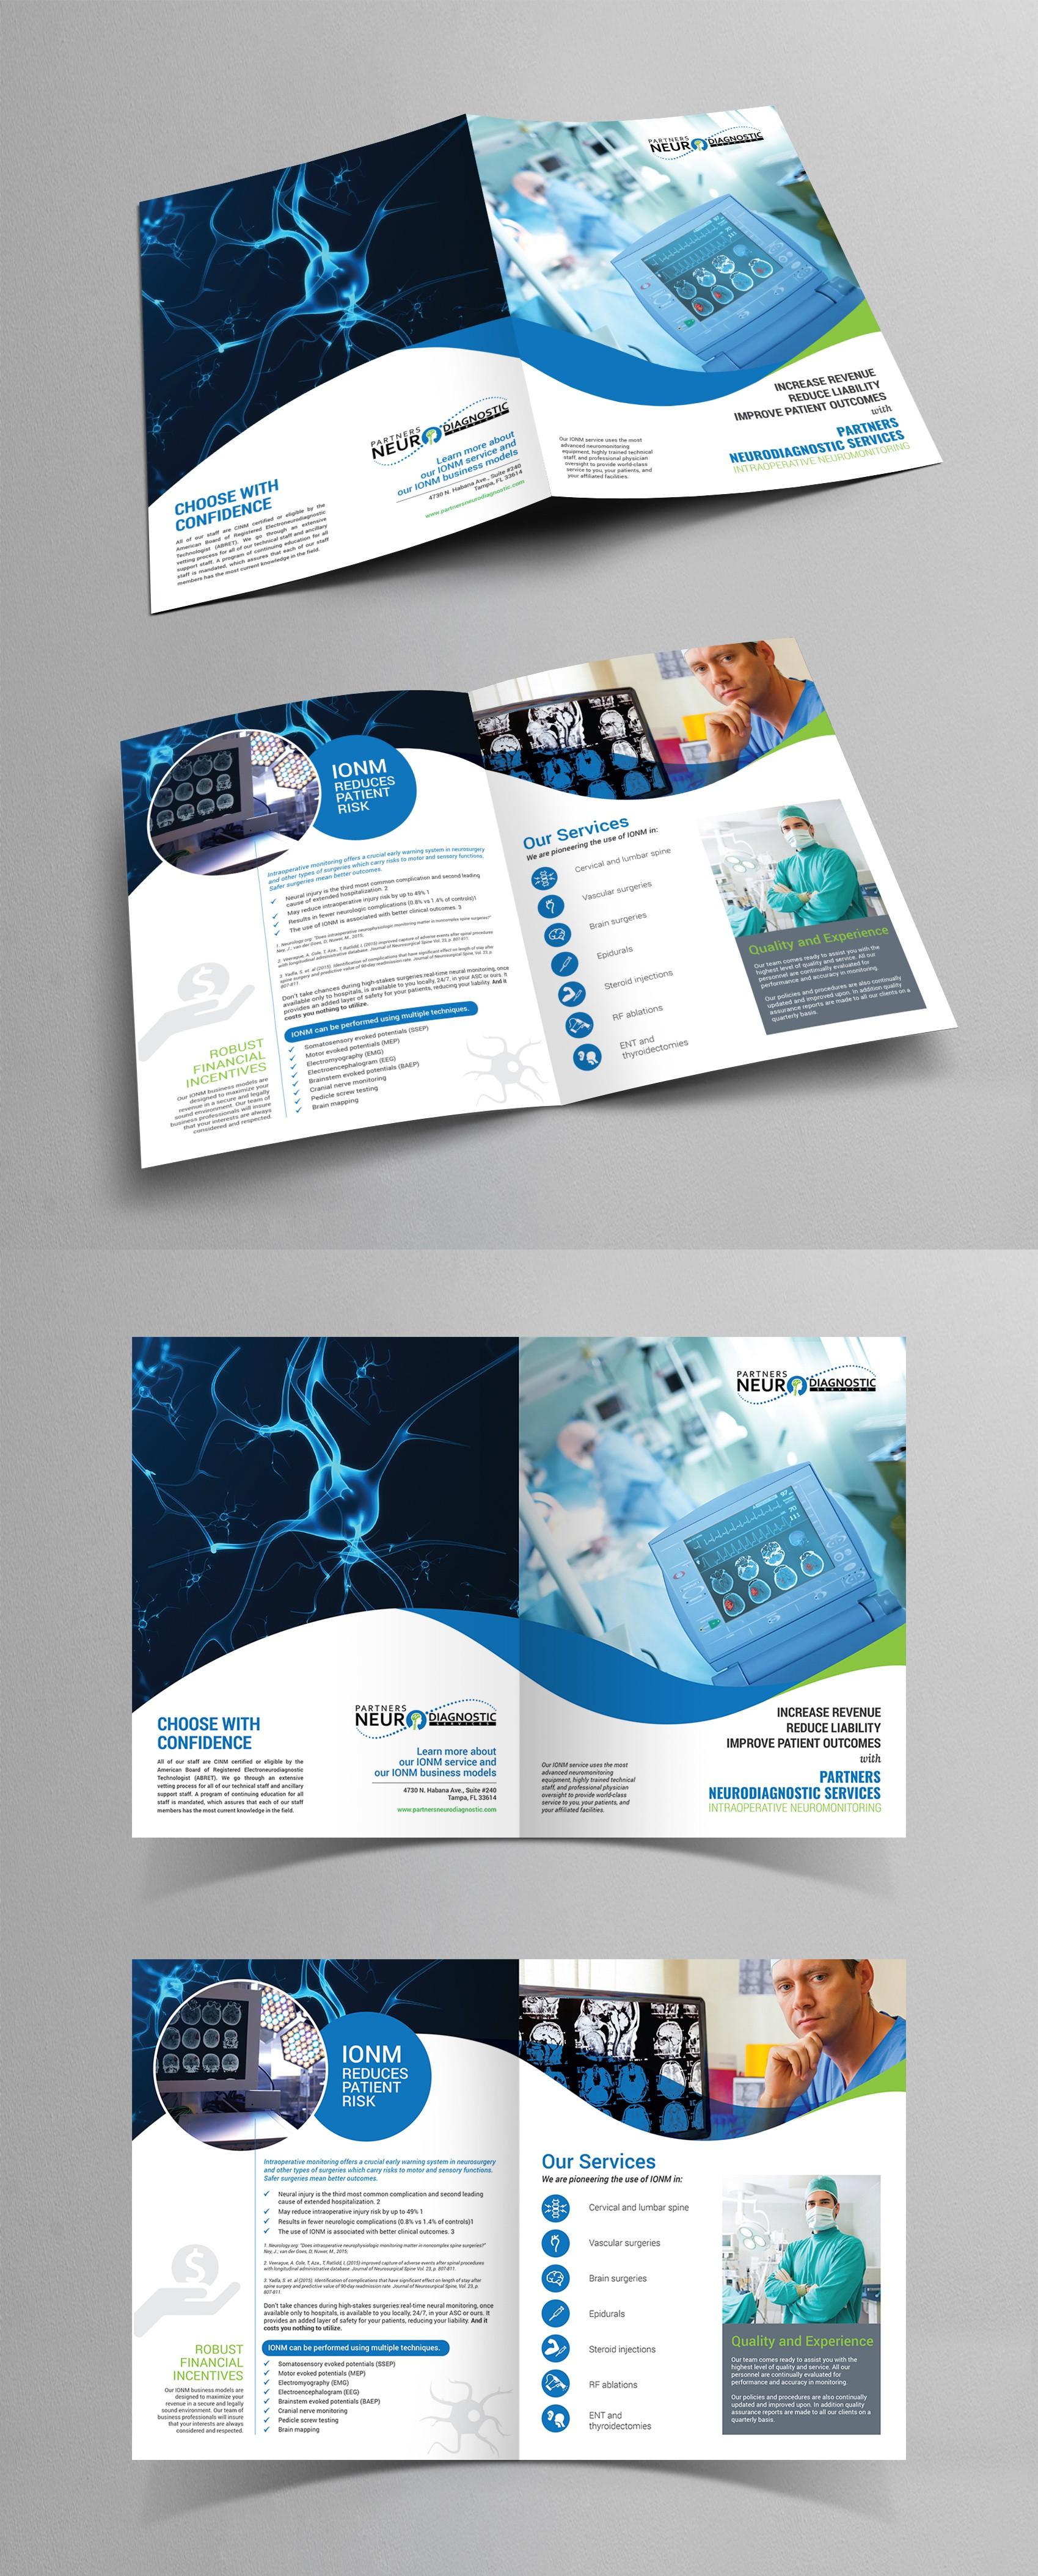 IONM Bi-fold Brochure 8.125 x 17.625